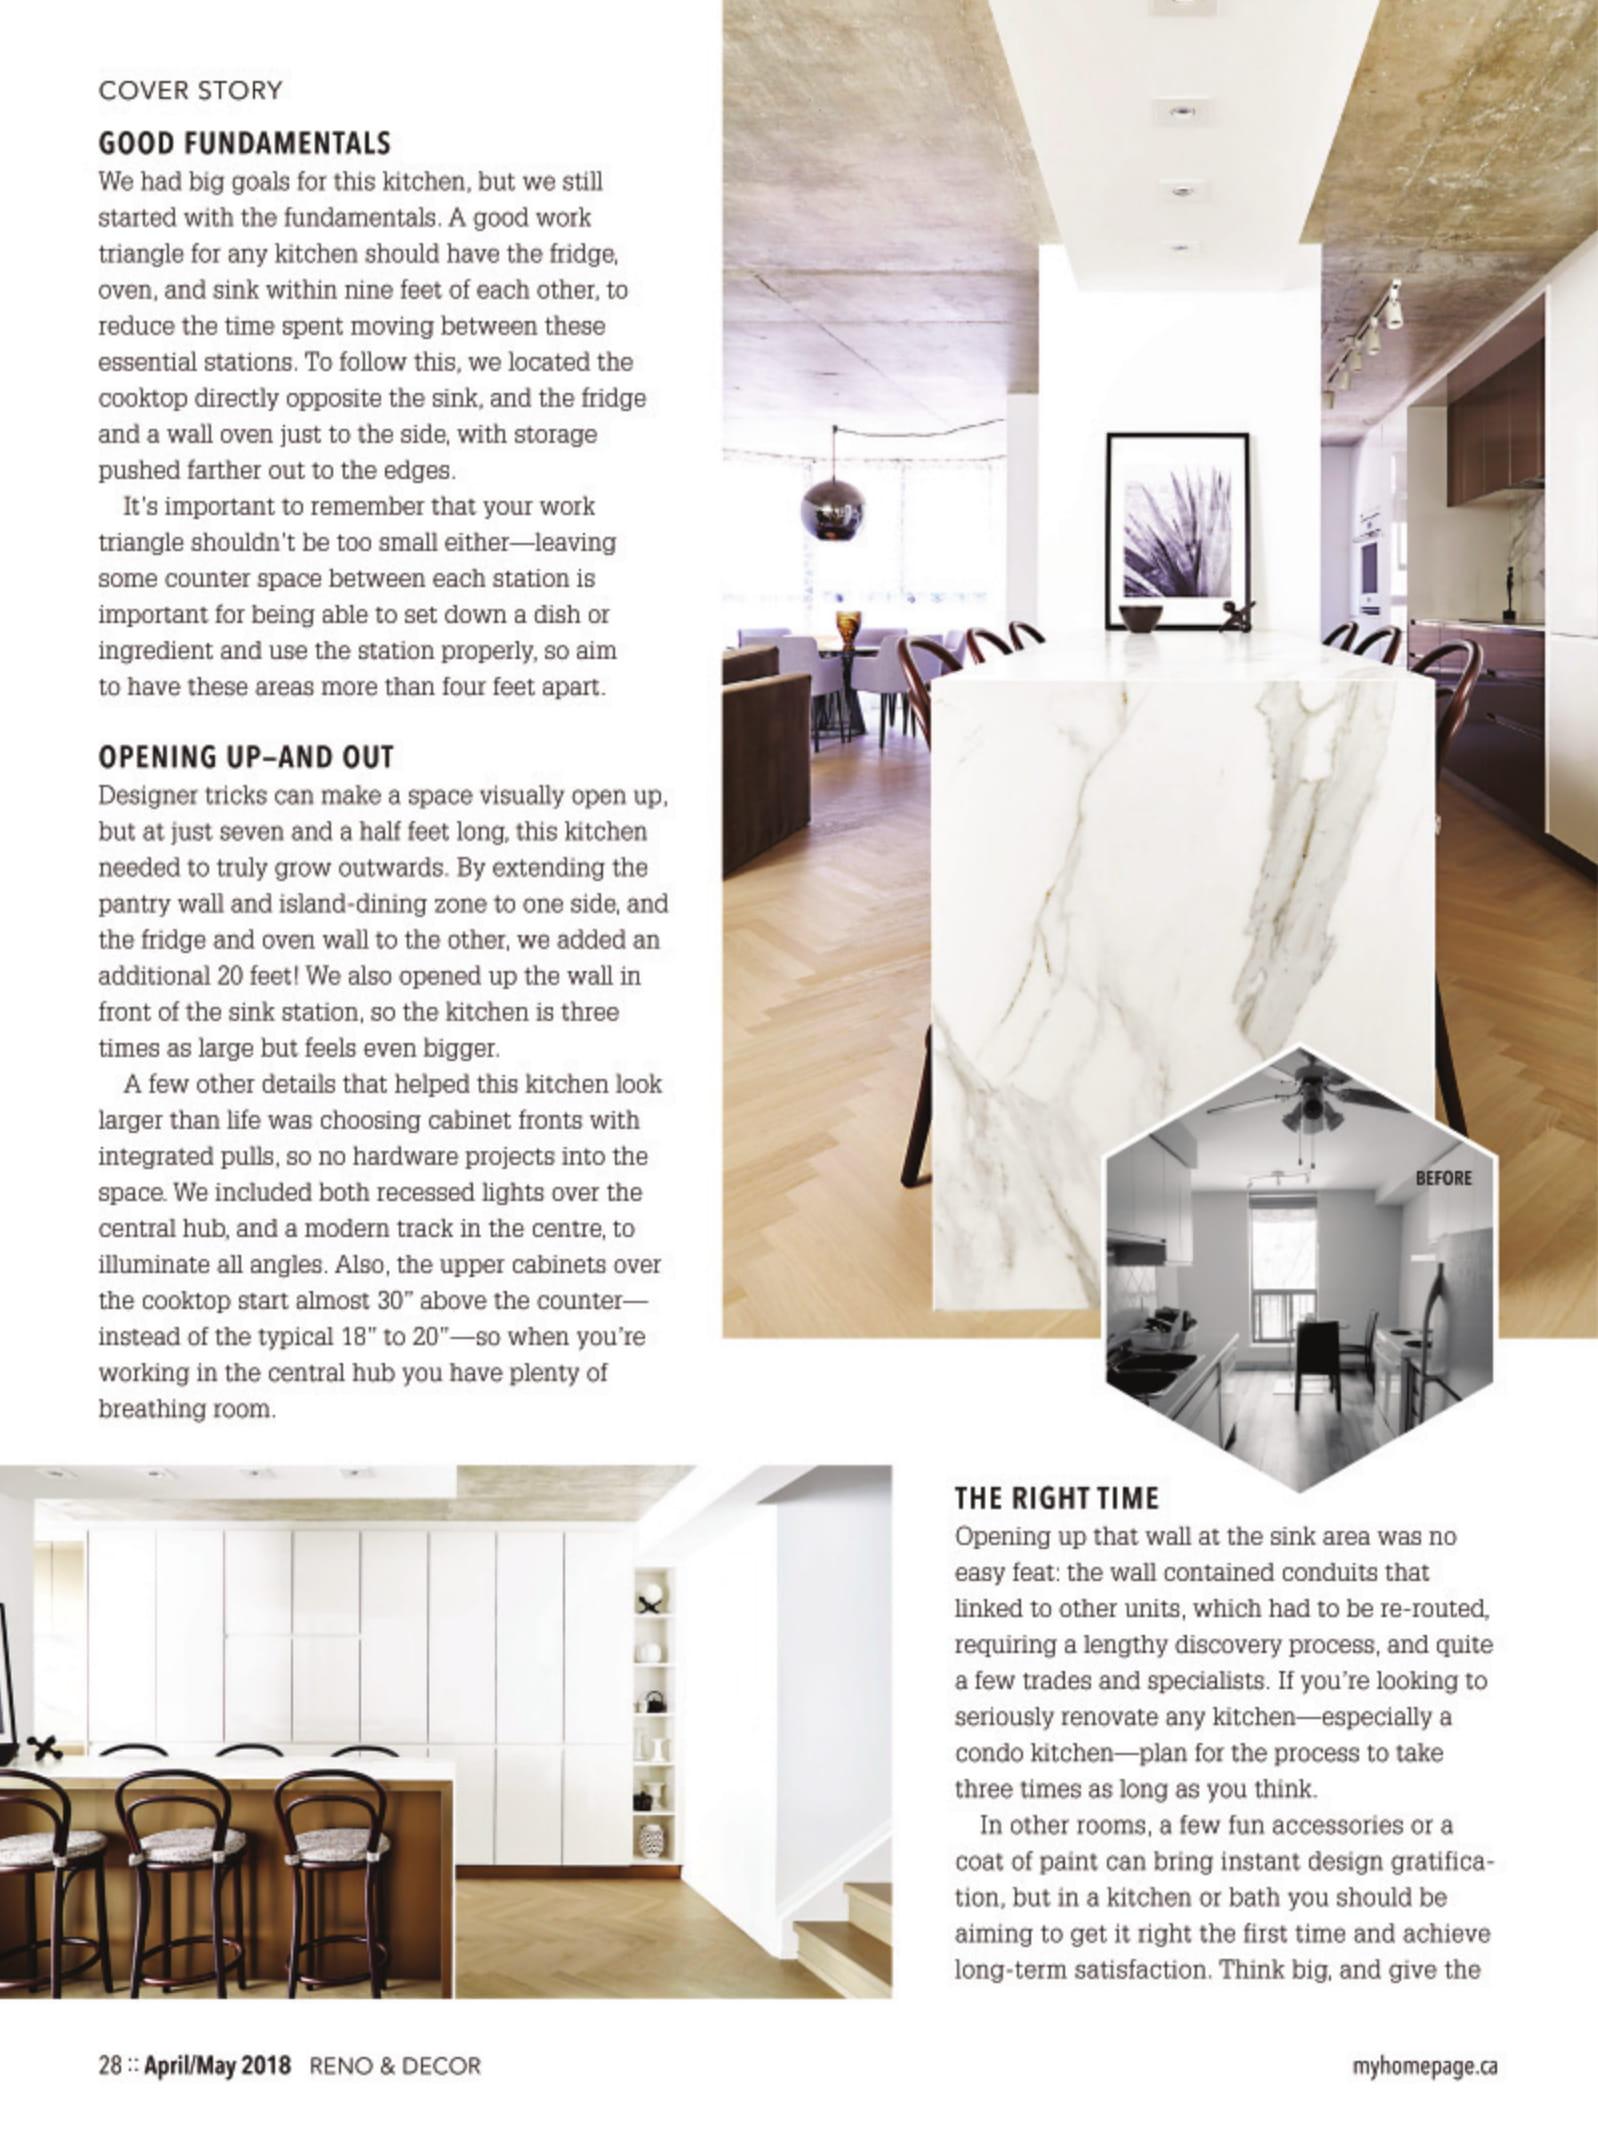 Reno & Decor Magazine Feature 2018